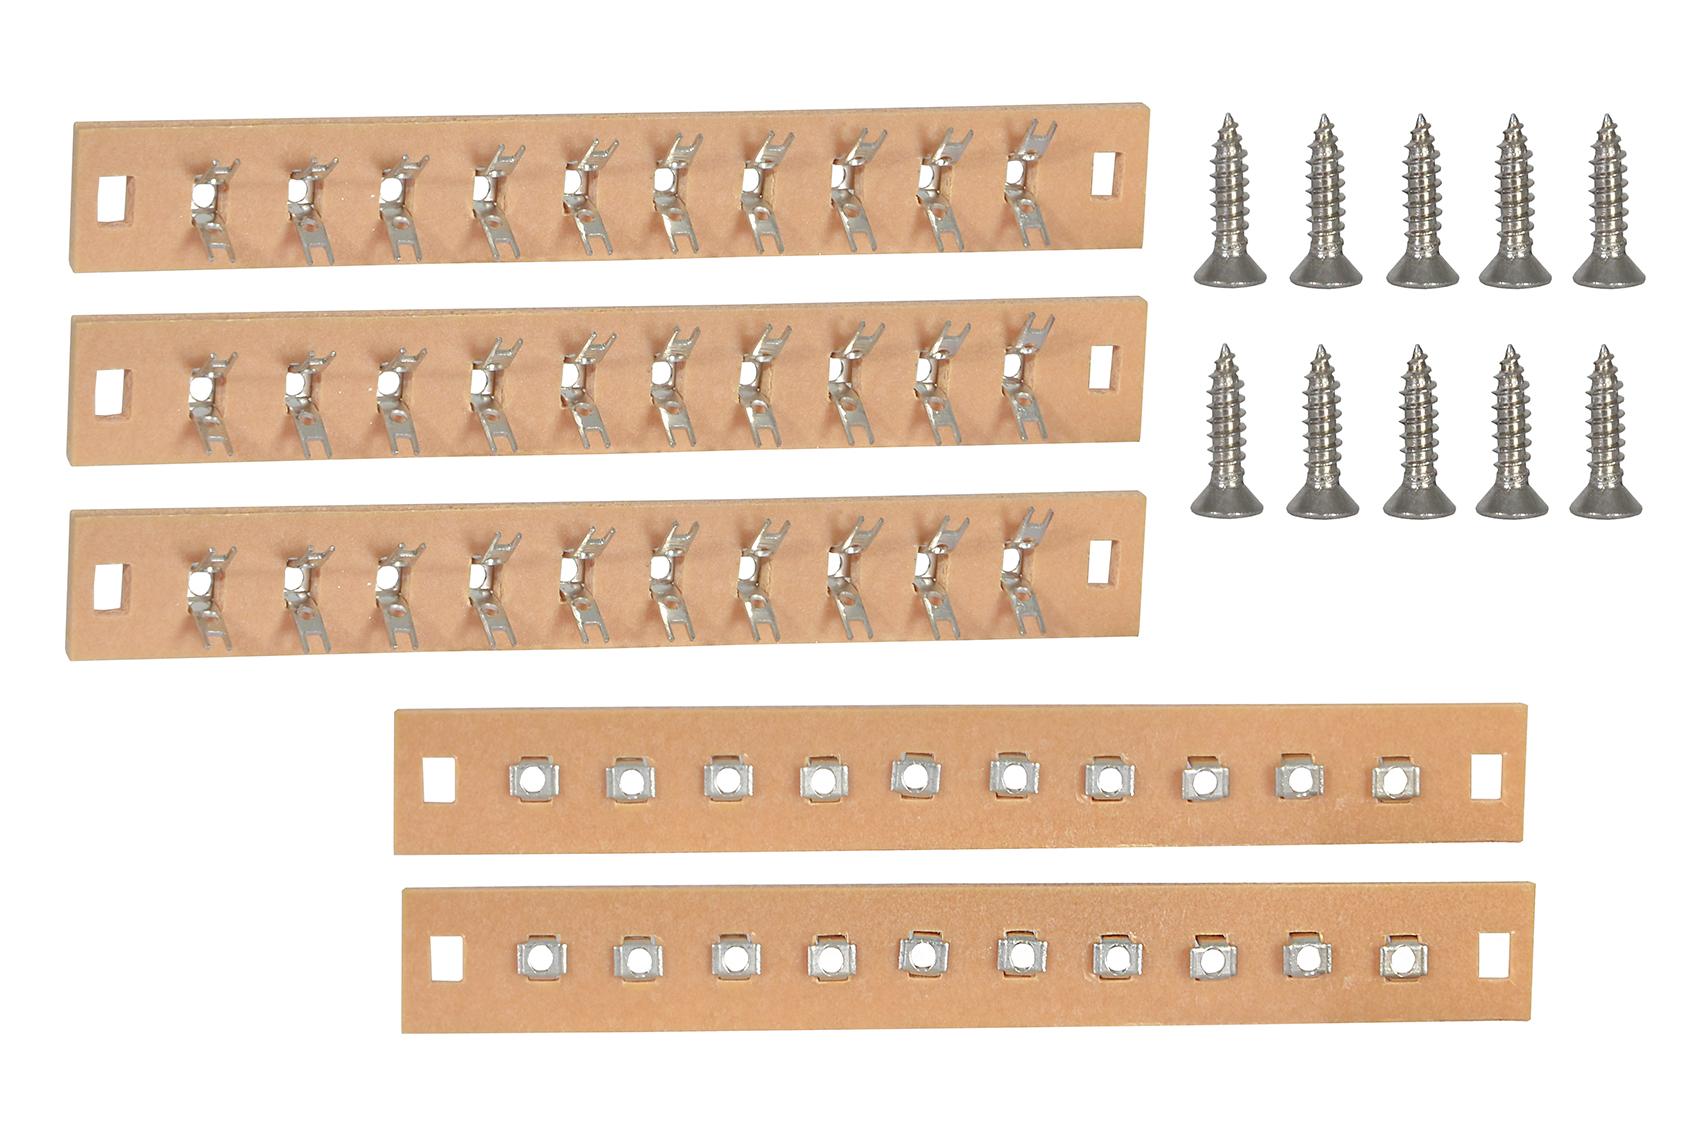 Viessmann 68475 <br/>Lötleisten mit Schrauben, 5 Stück